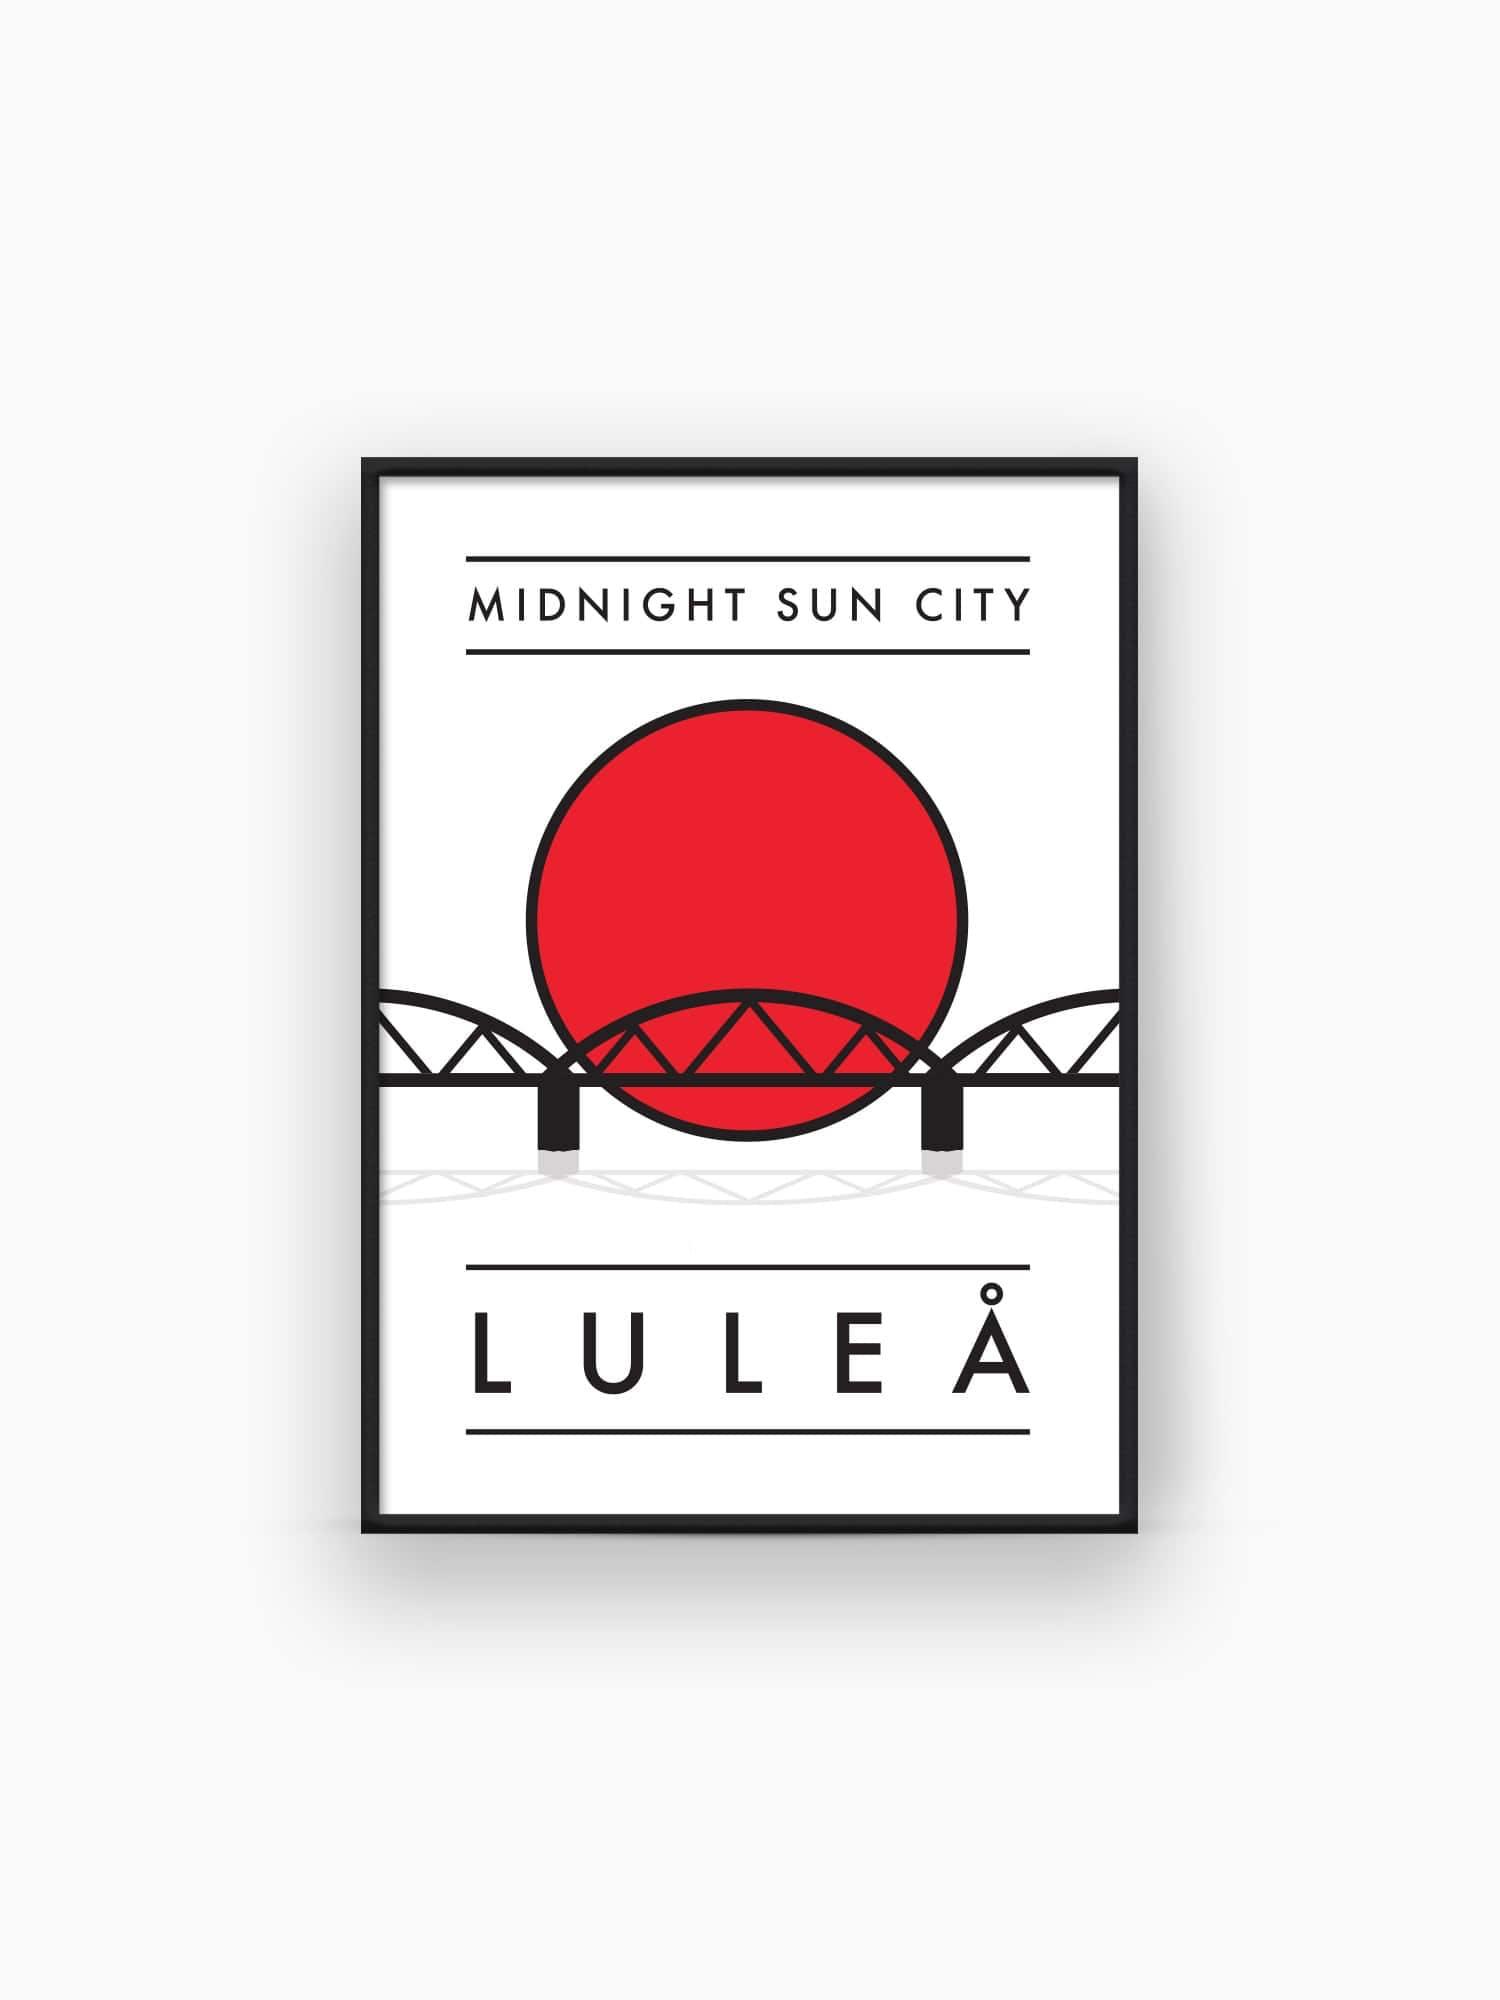 Luleå Midnight sun city - Brooklyn B - Burban Studios